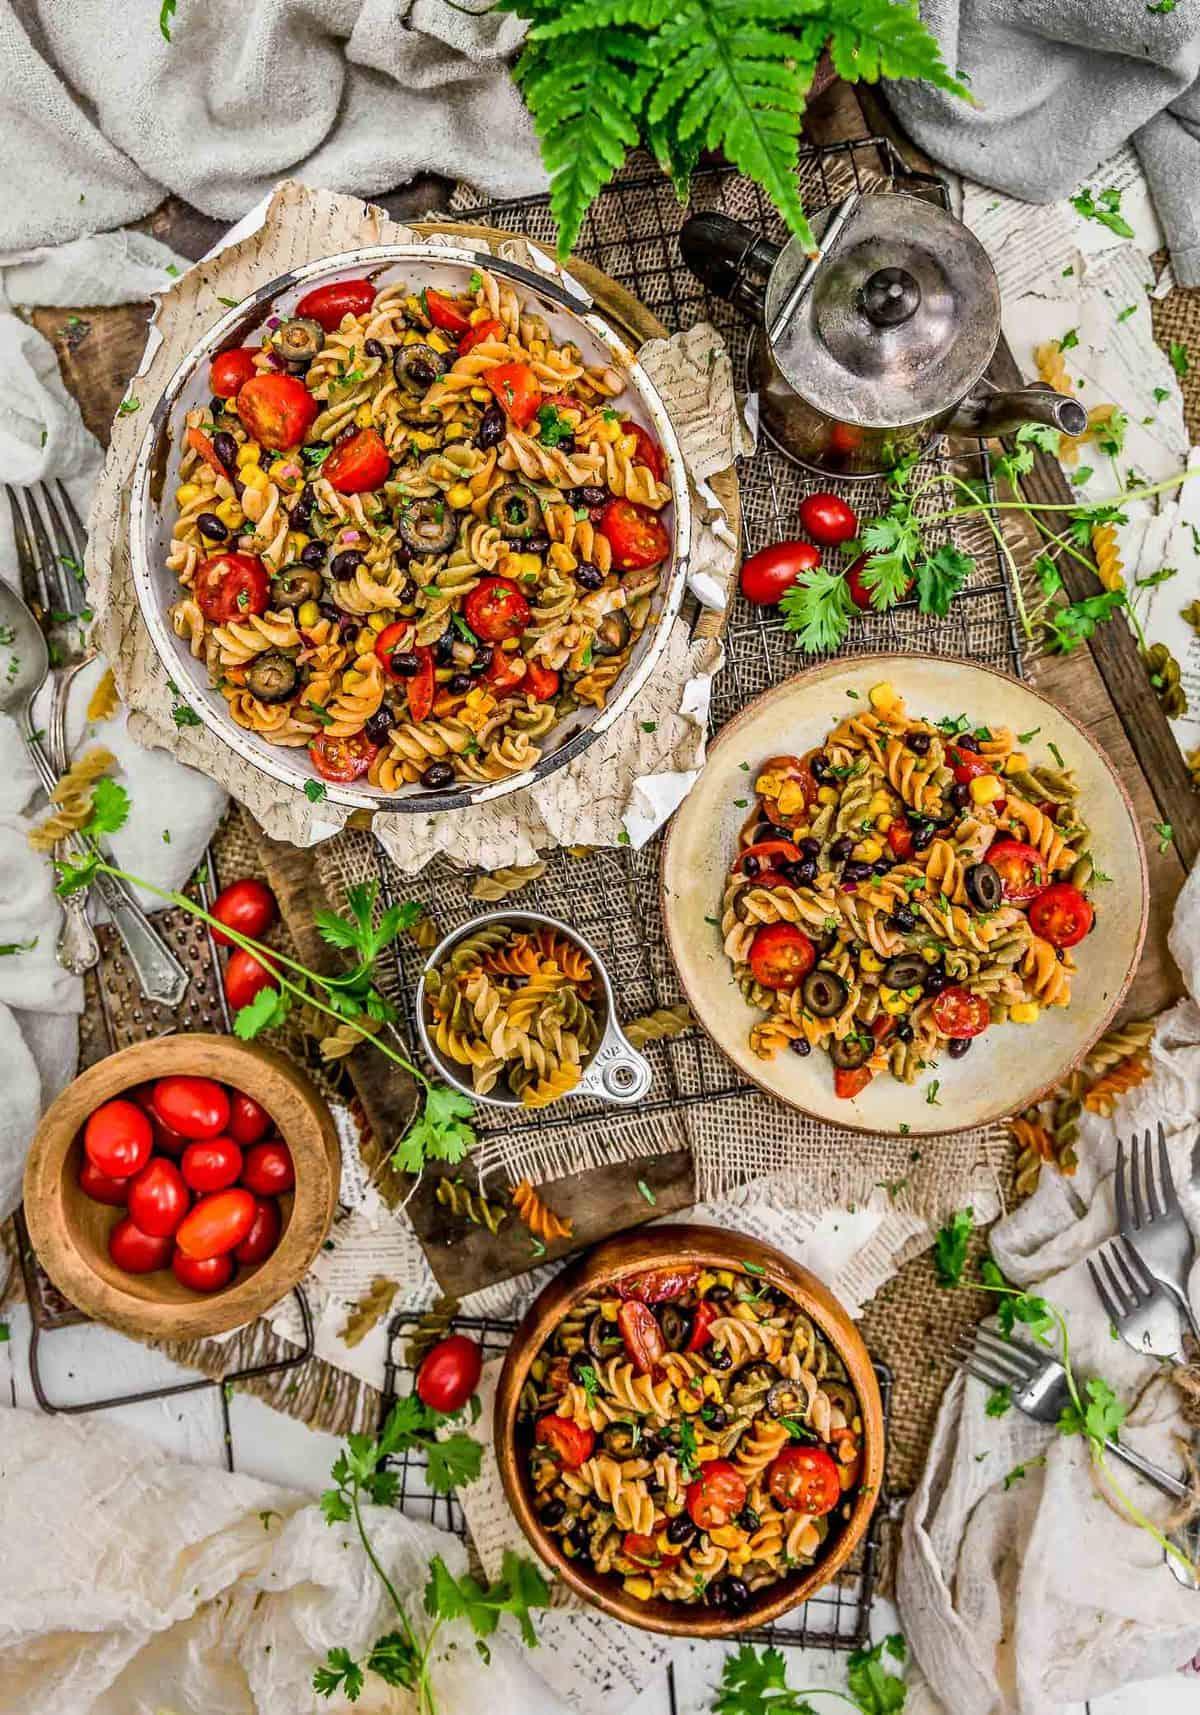 Tablescape of Tex-Mex Pasta Salad